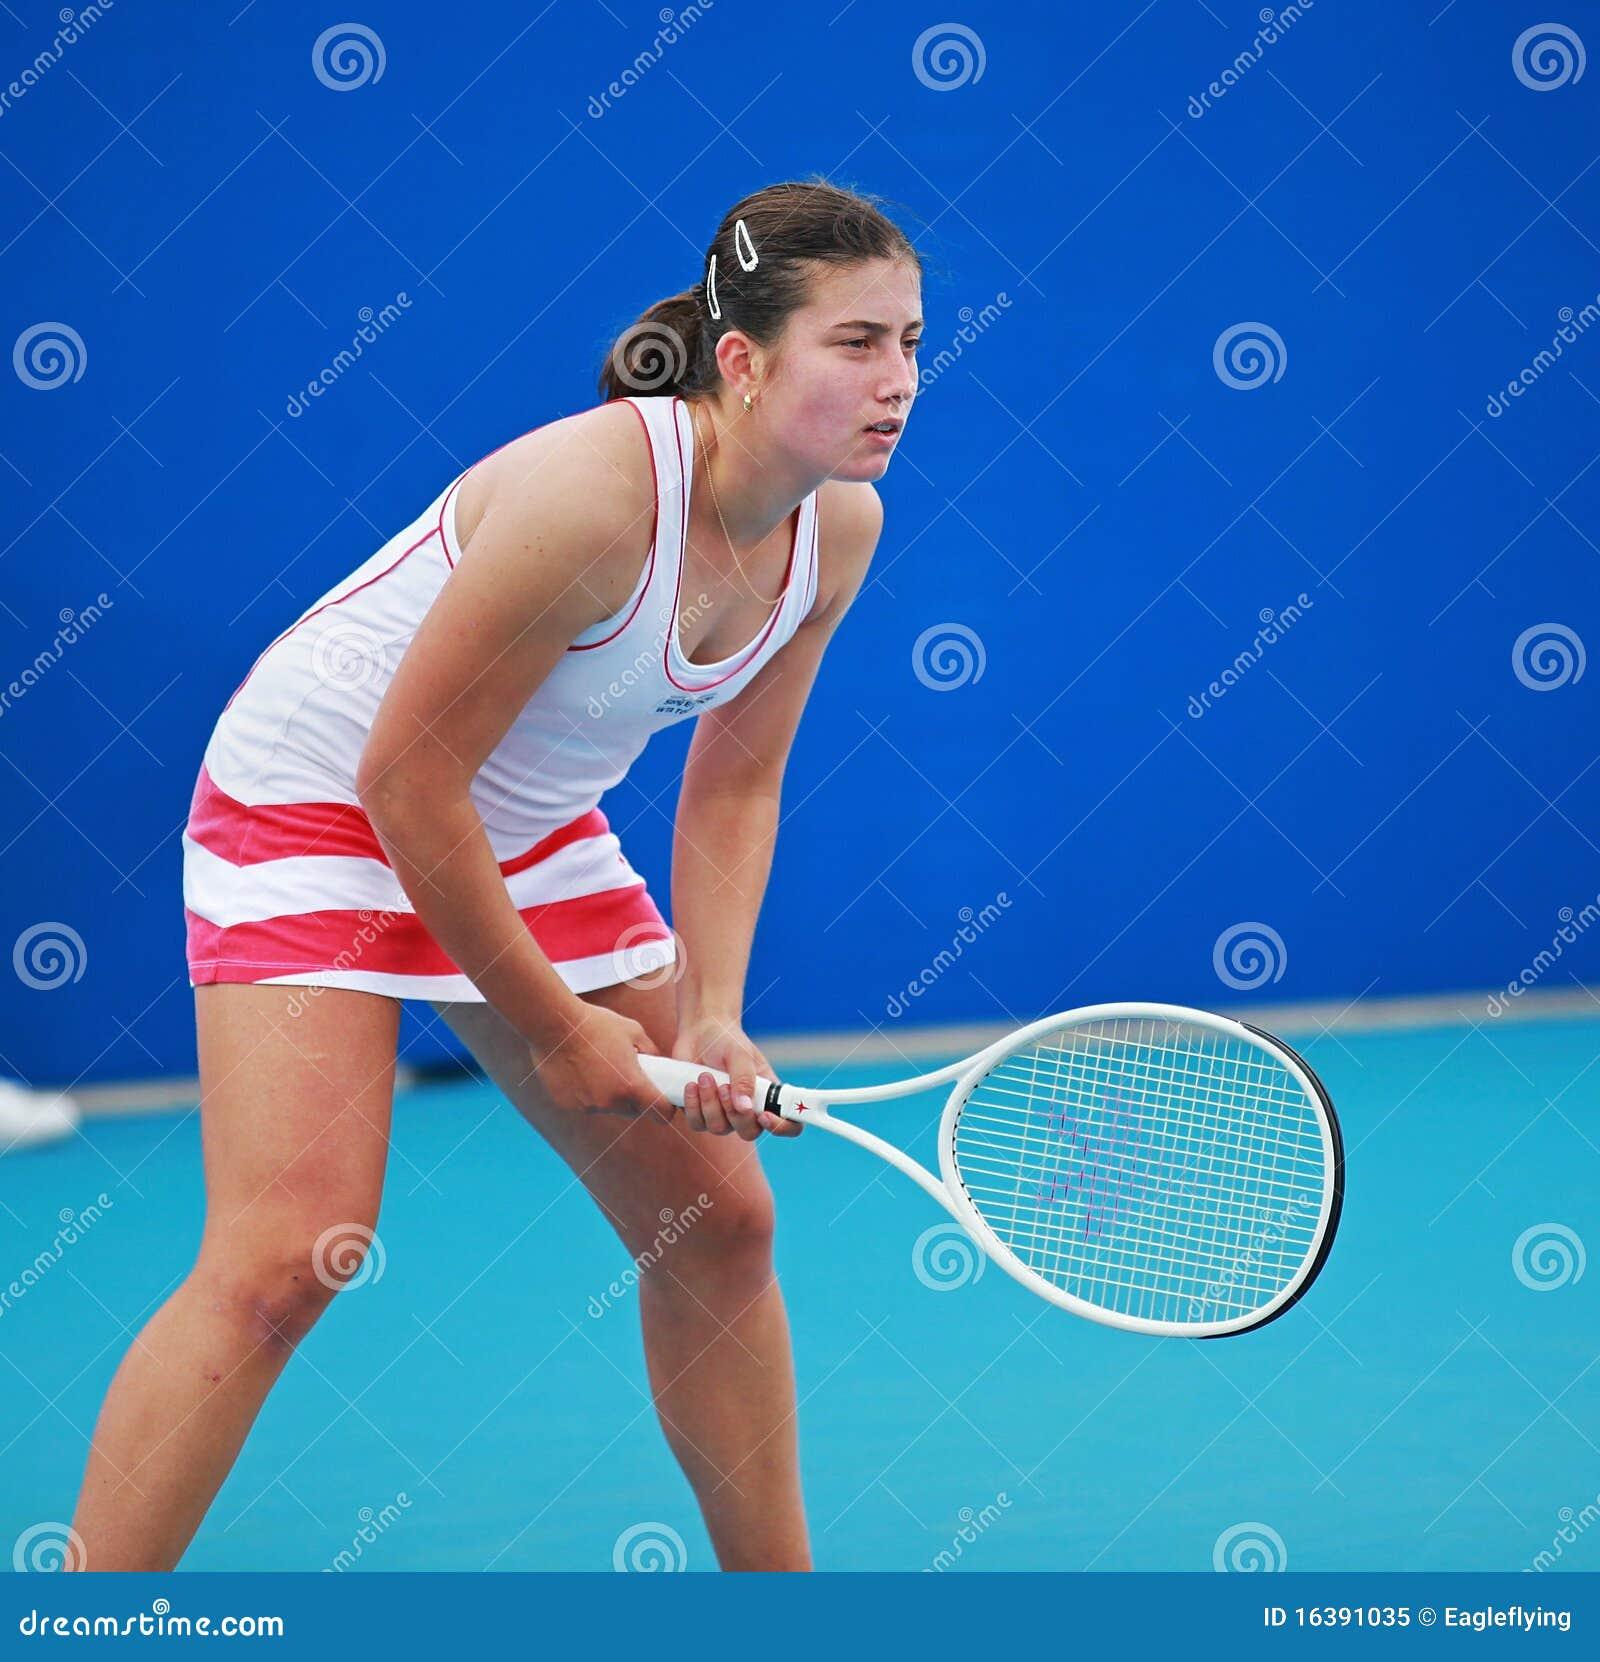 Anastasija球员专业sevastova网球